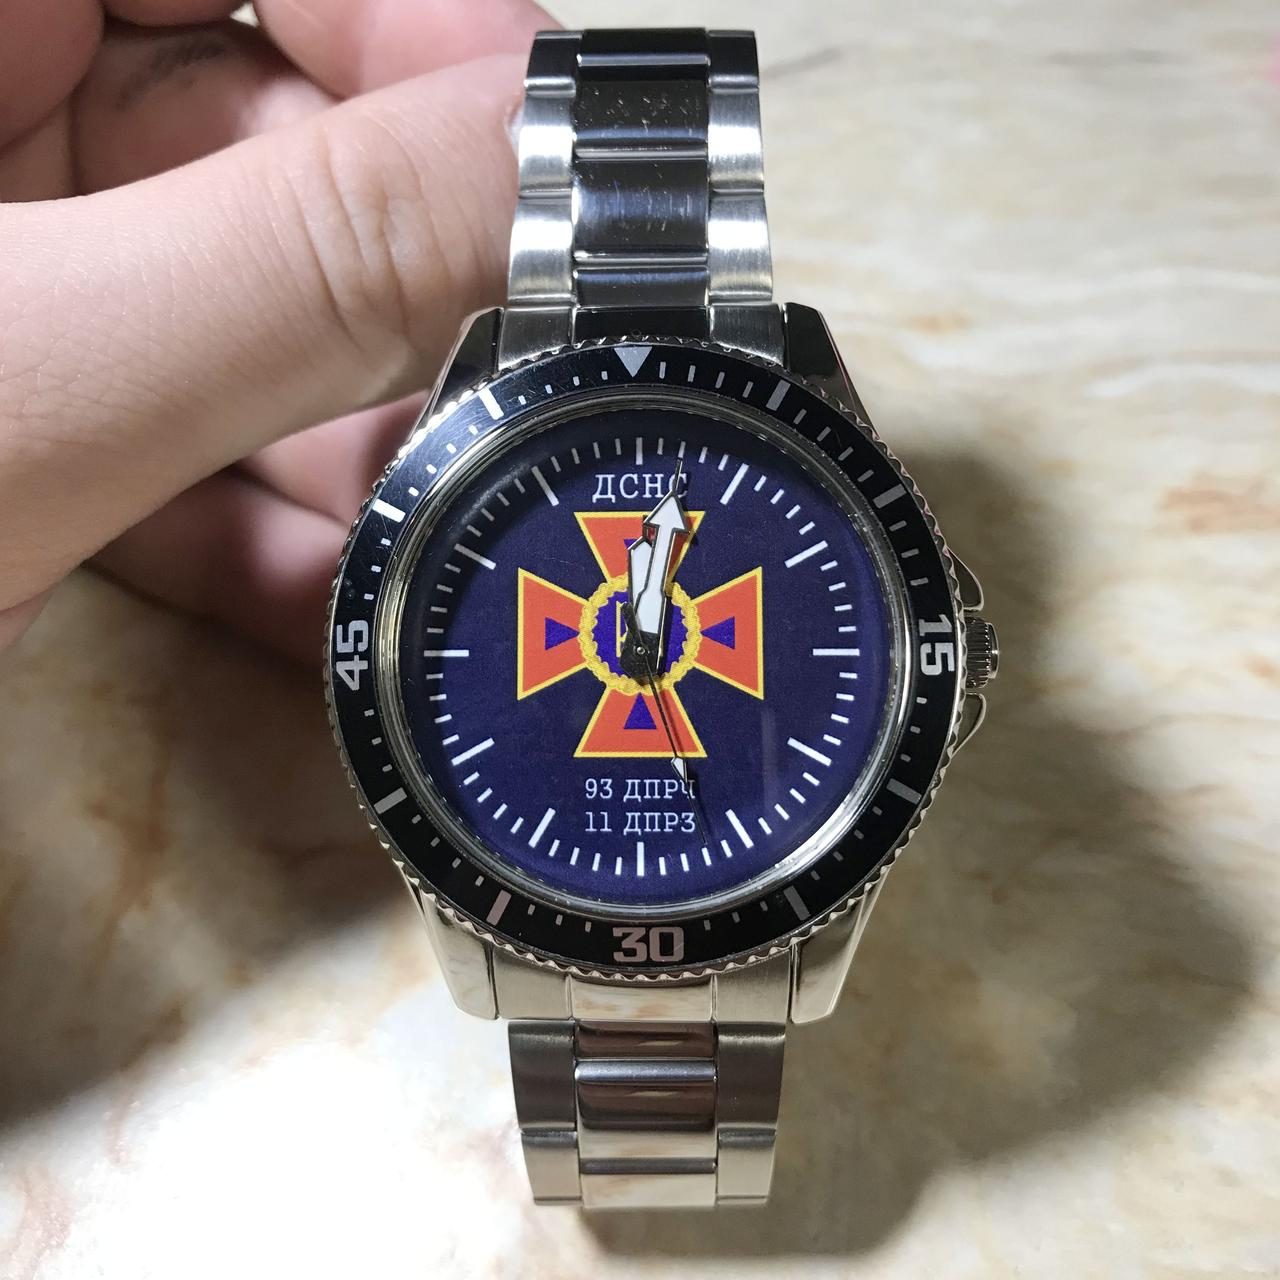 Годинники наручні з логотипом ДСНС (Державна служба України з питань надзвичайних ситуацій)